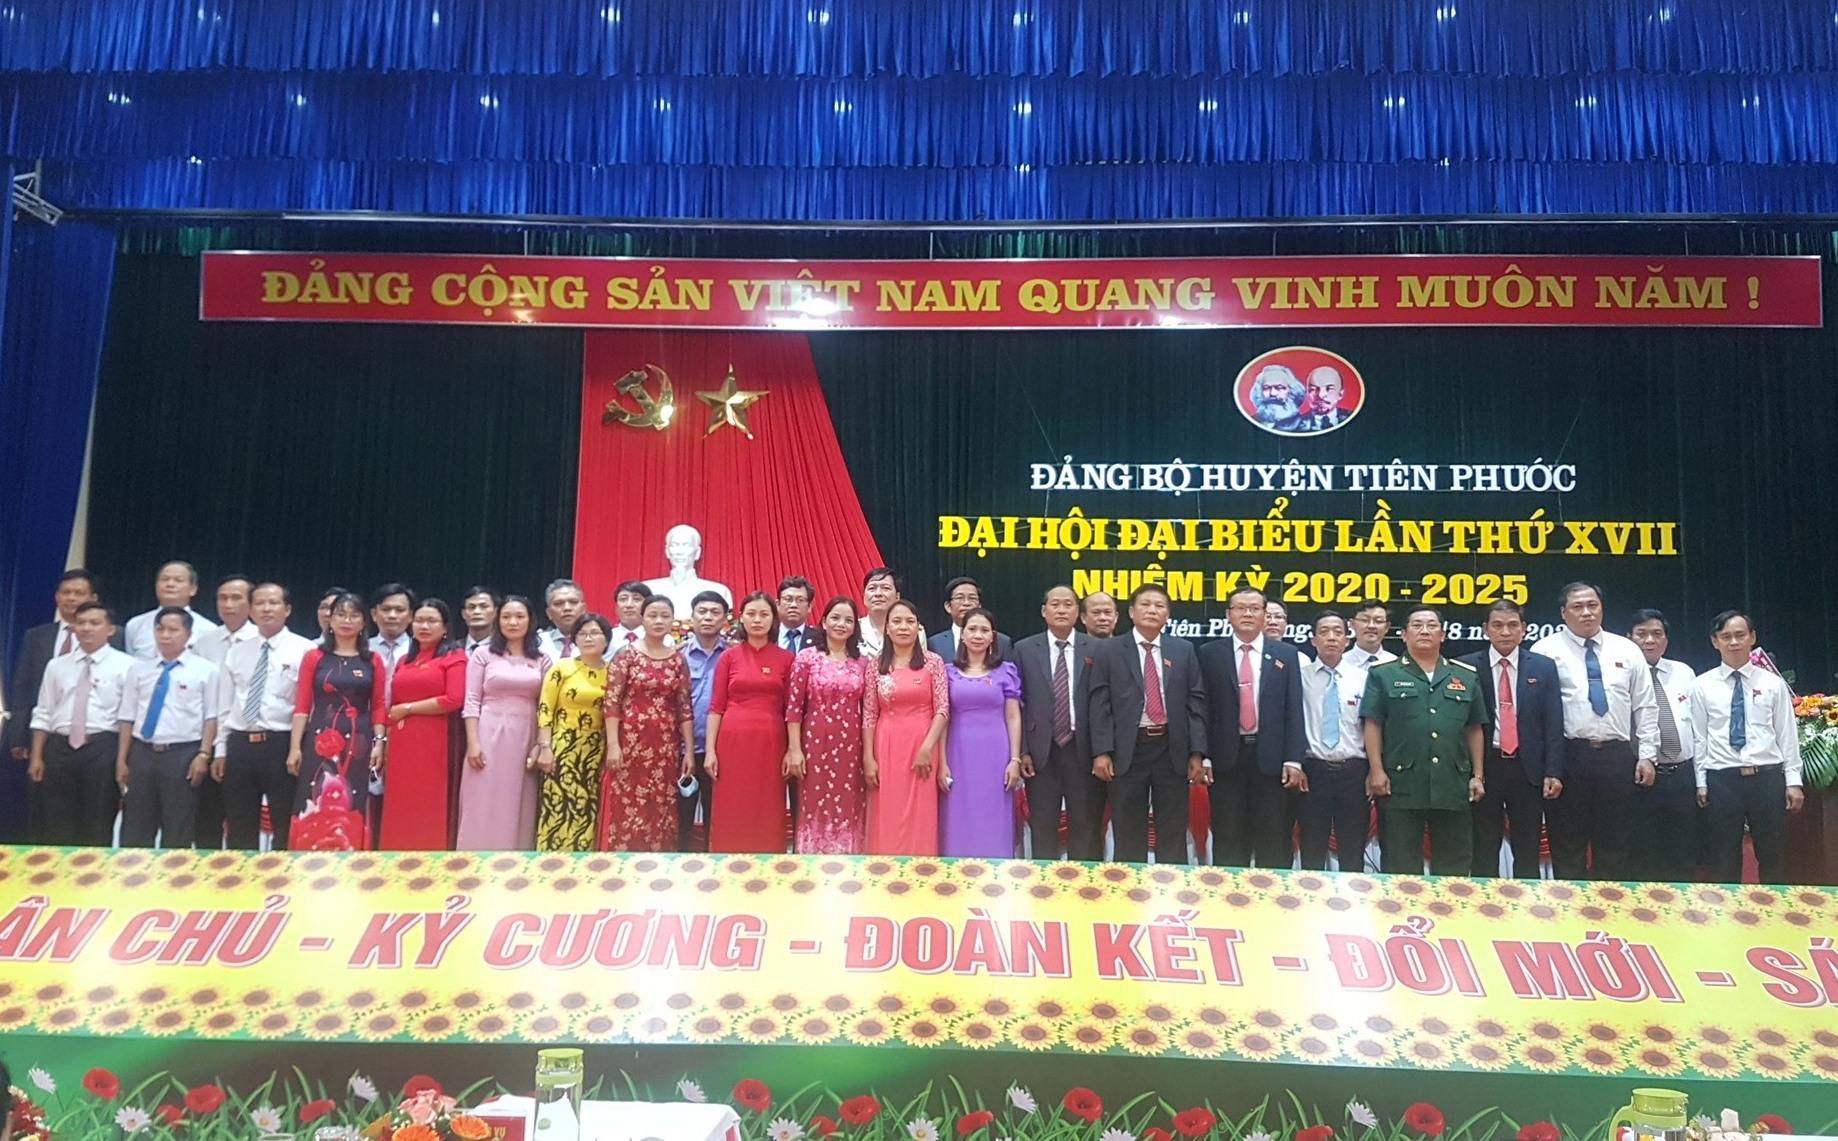 Ban chấp hành Đảng bộ huyện Tiên Phước khóa XVII ra mắt tại Đại hội. Ảnh: D.L